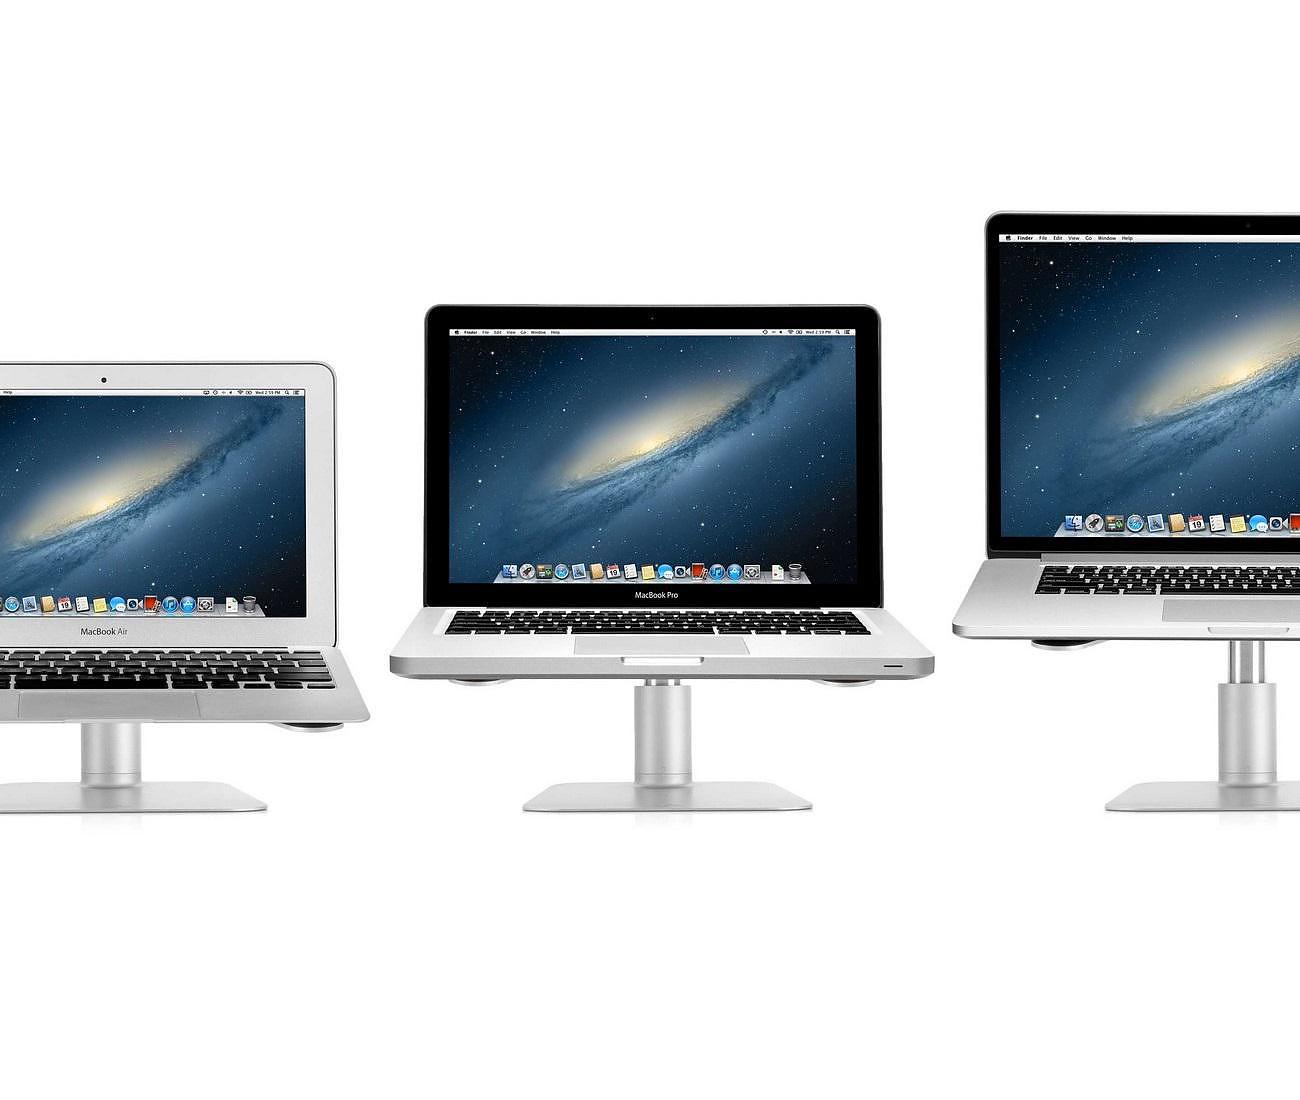 Συνδέστε δύο οθόνες με το MacBook Pro ιστοσελίδες γνωριμιών για πάνω από 45